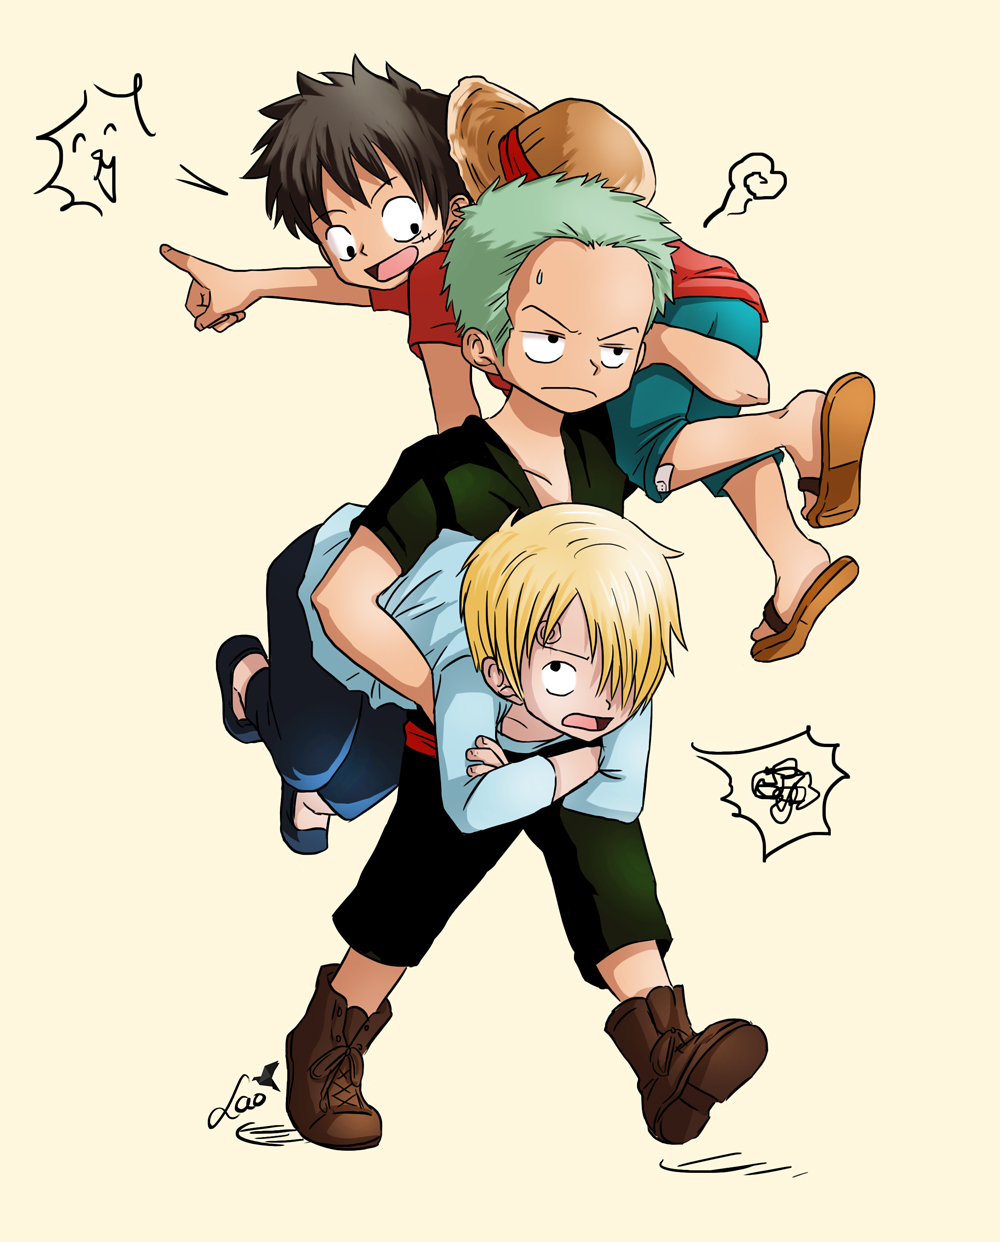 Chibi Monster trio